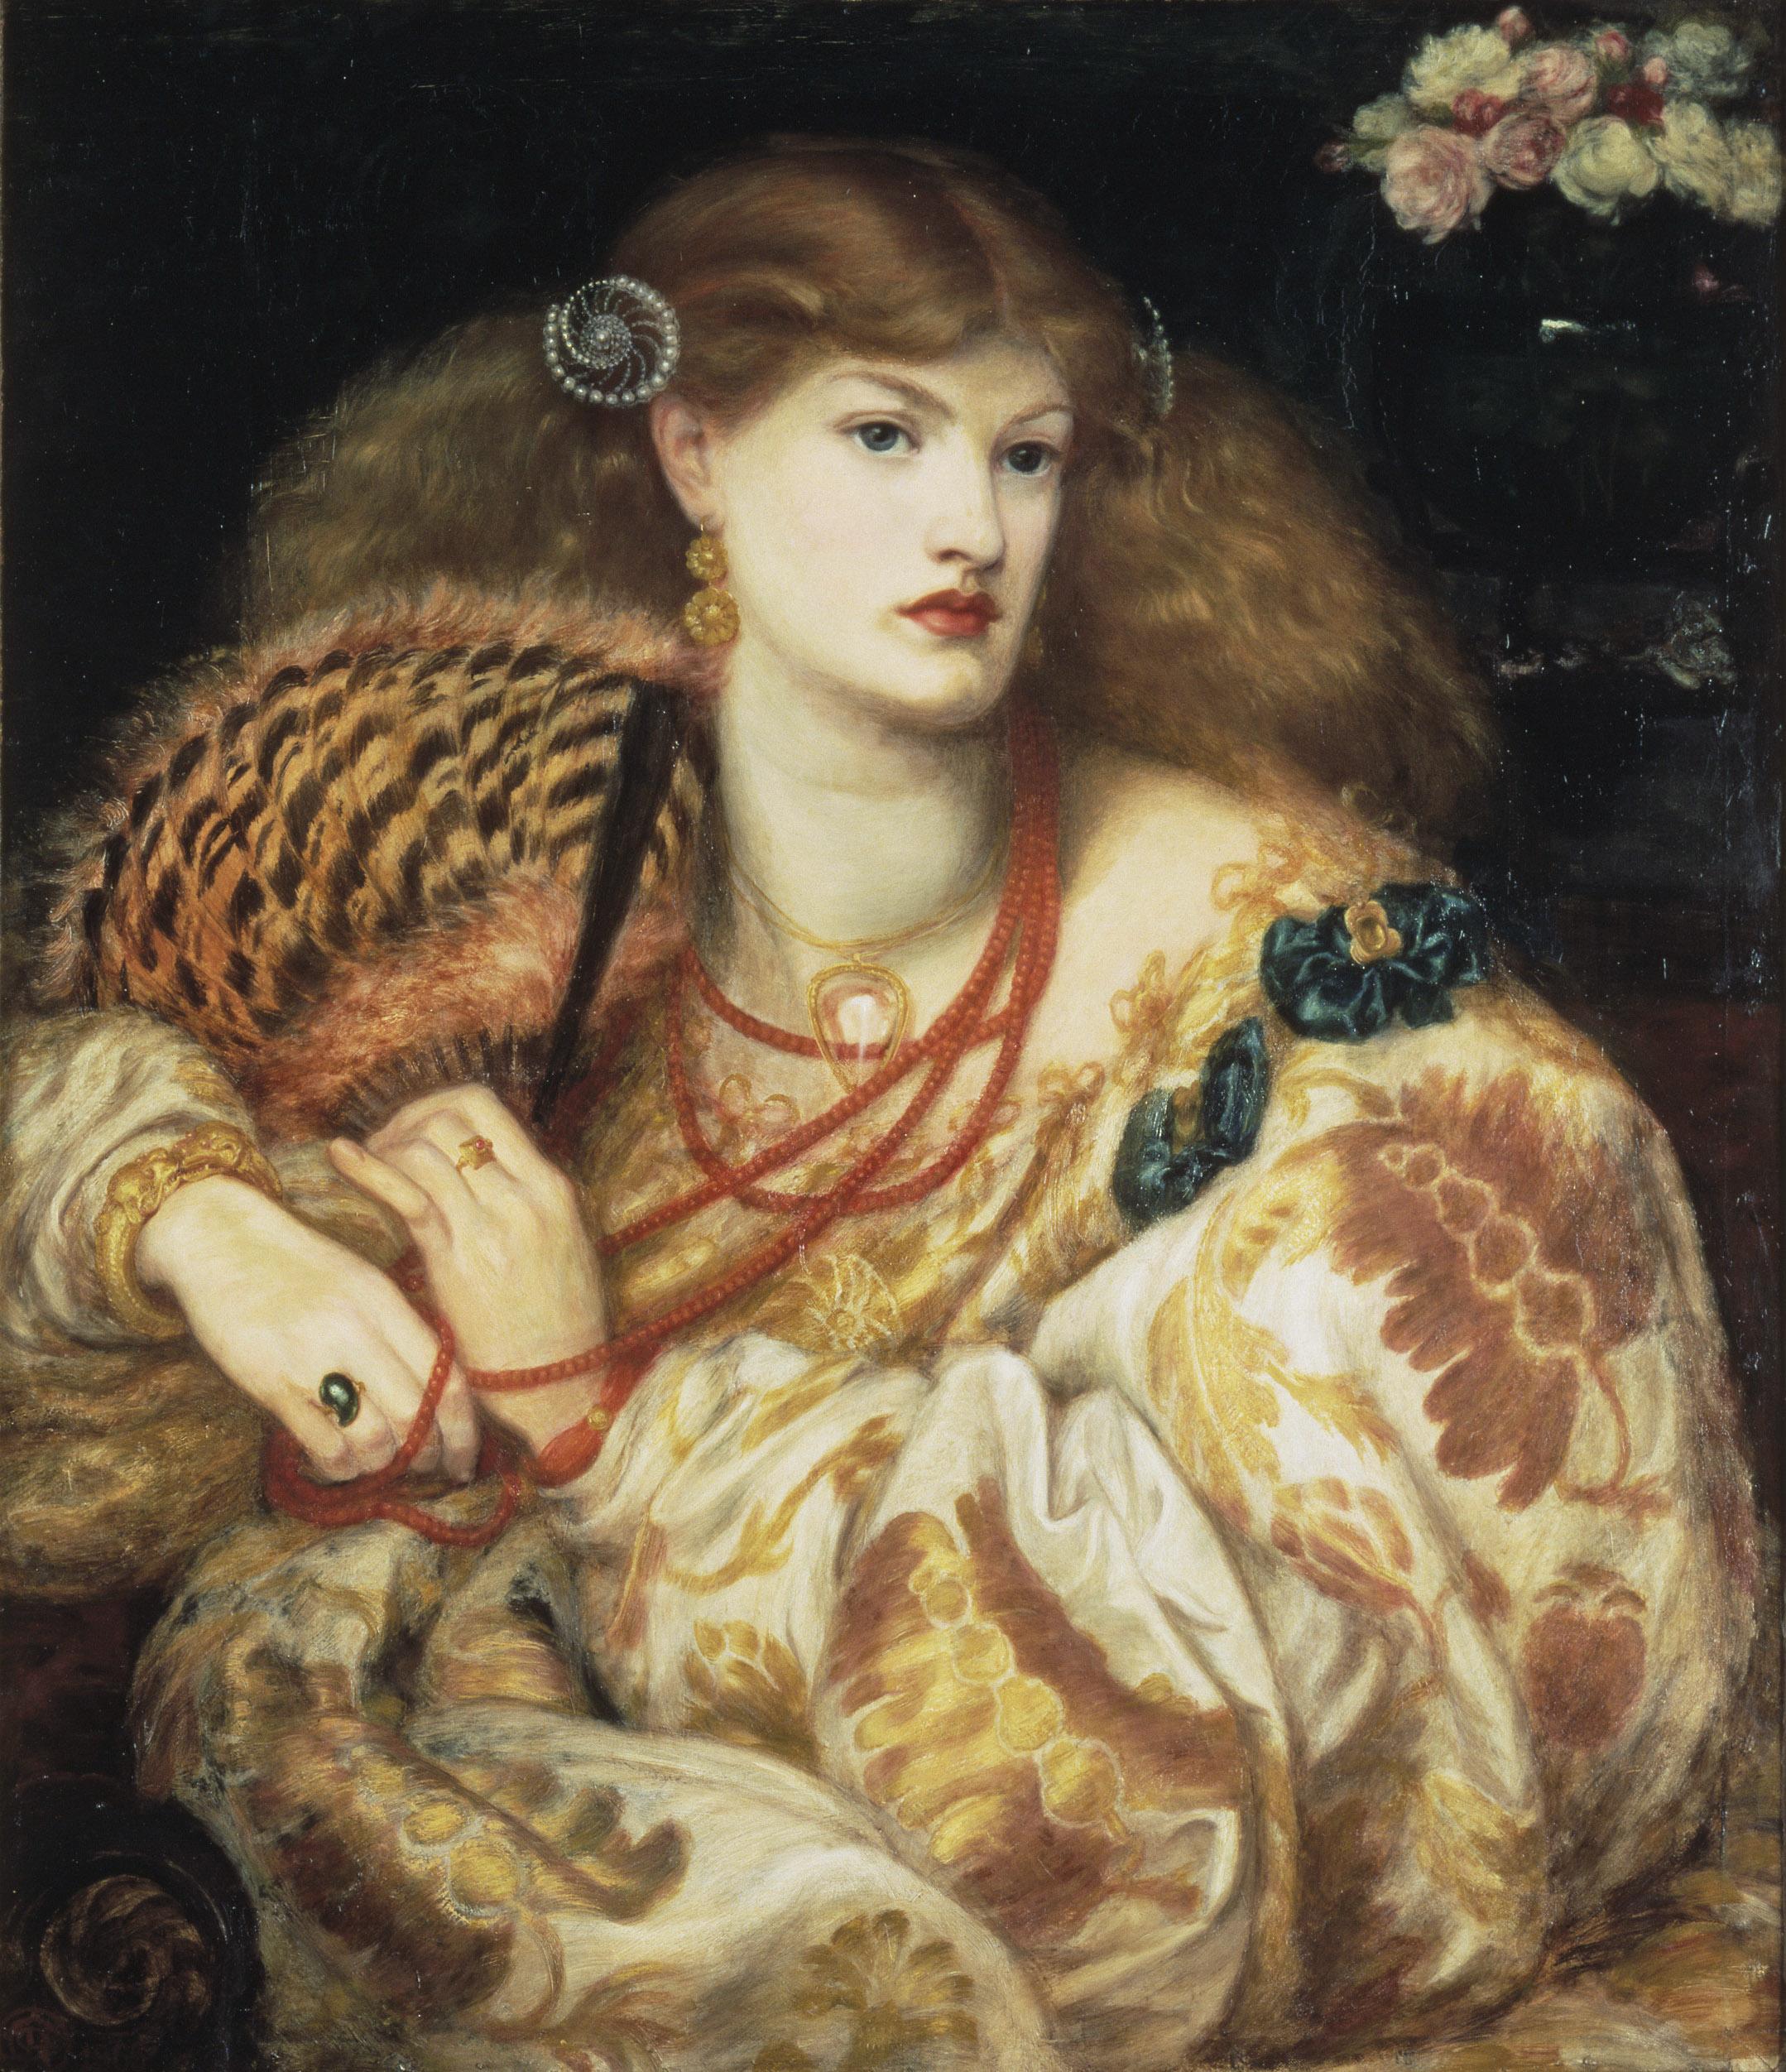 Monna Vanna, 1866